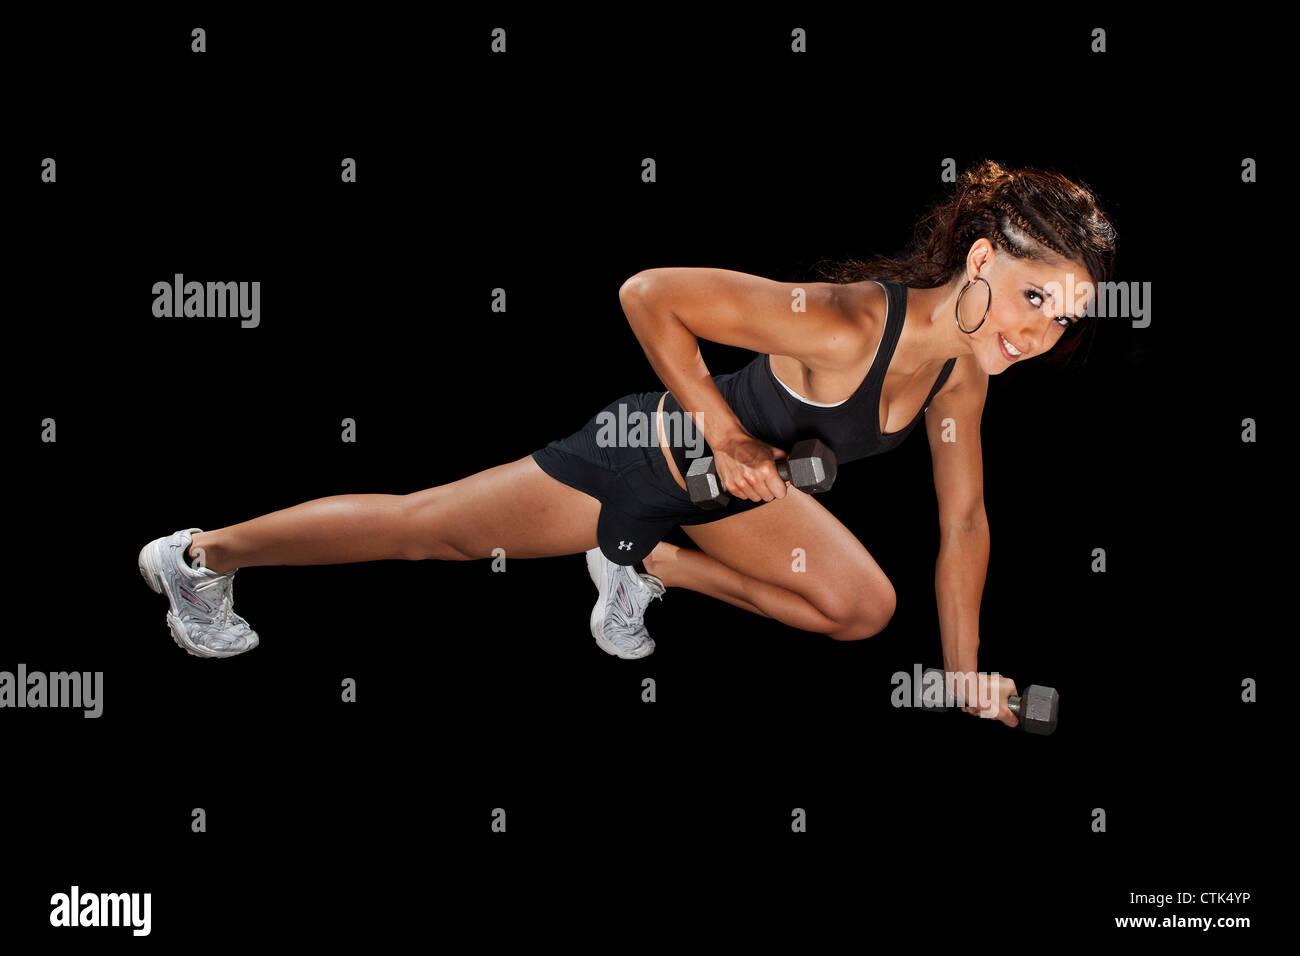 Ejercicio fitness bailarina pulse arriba haciendo ejercicio con pesas modelo deportivo contra el fondo negro iluminación de estudio. Foto de stock